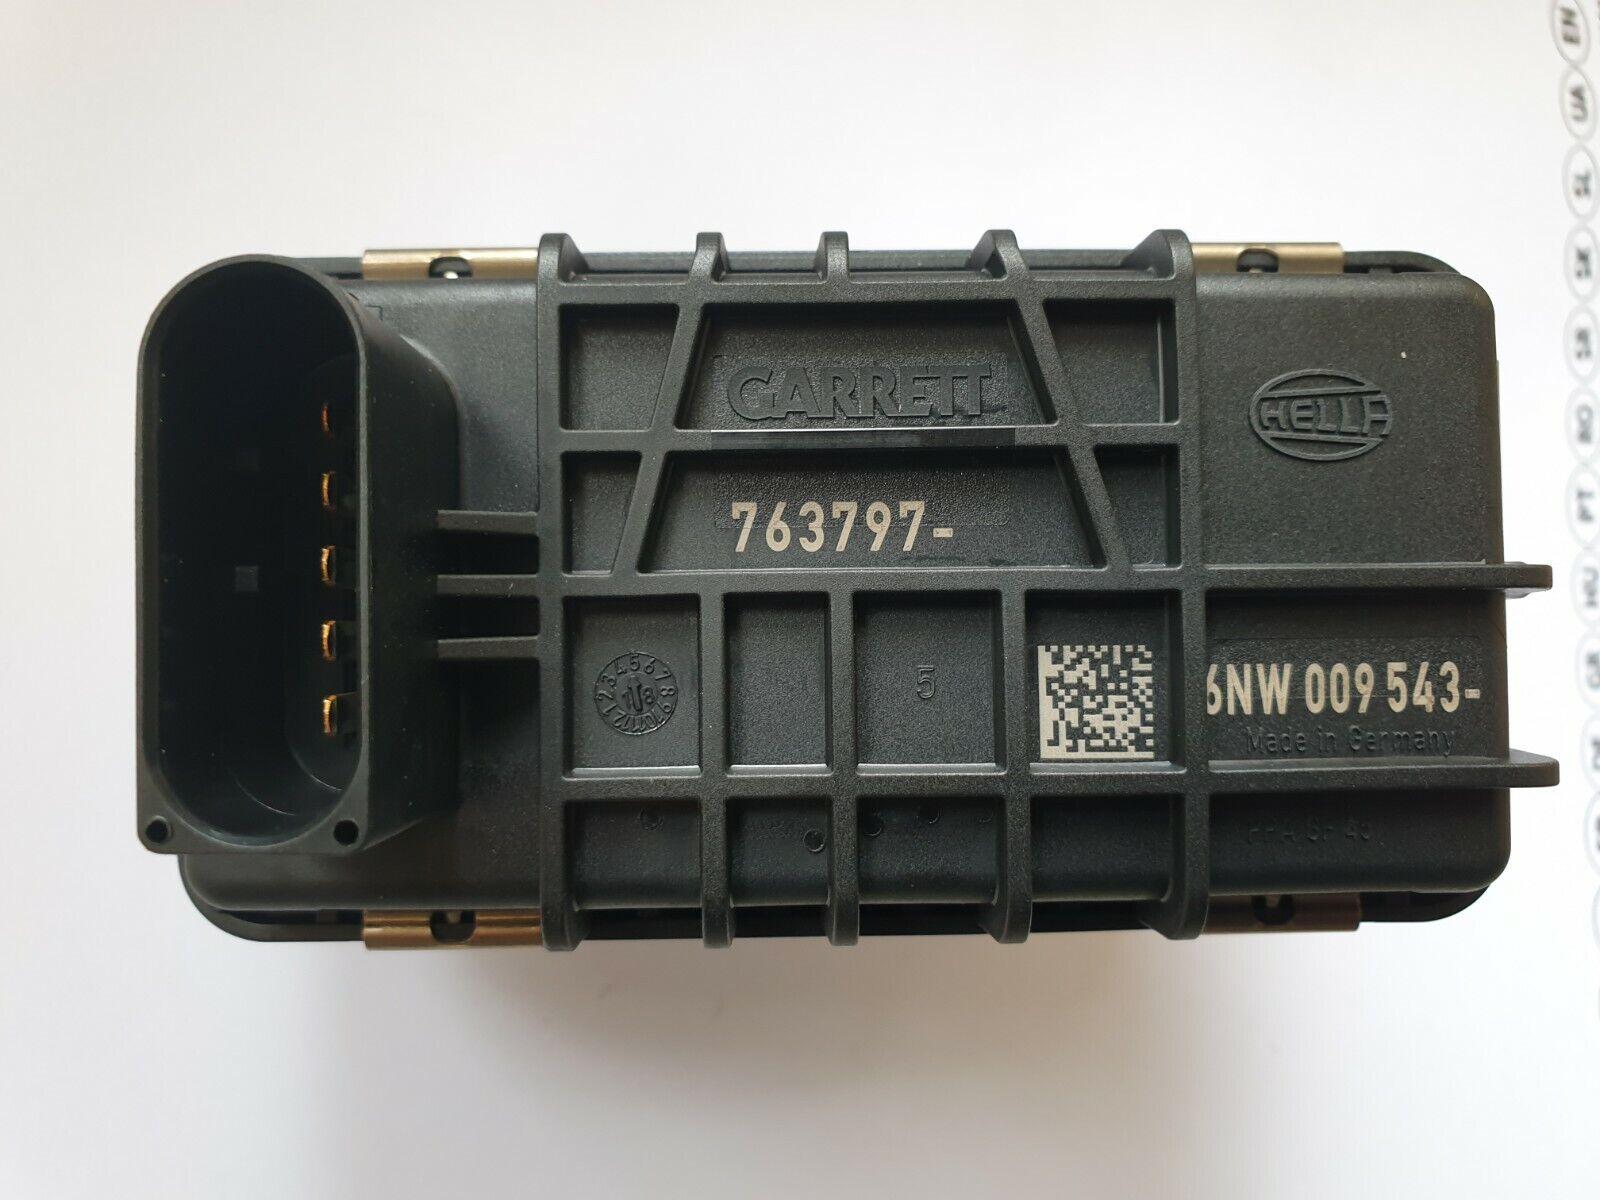 Hella Garrett Ladedruckregler 6NW009543 763797 G-13 Stellmotor Turbolader ** NEU